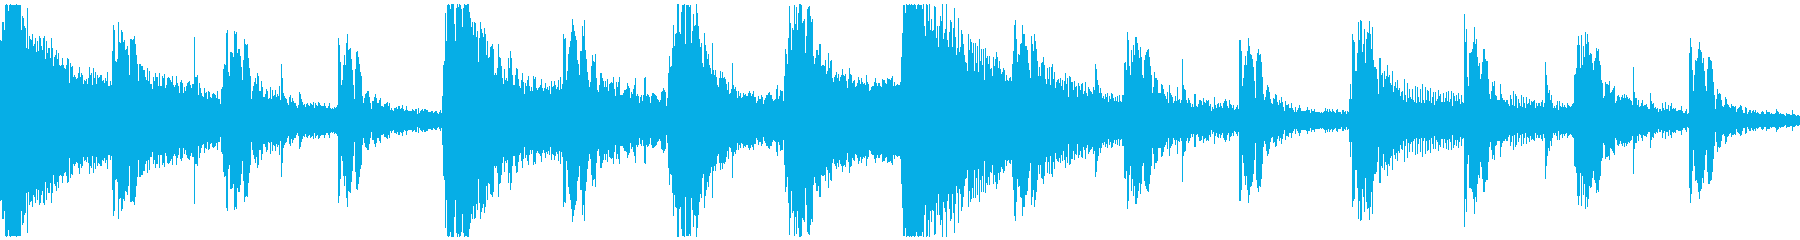 <ショートループ> ピアノ③+ビートAの再生済みの波形